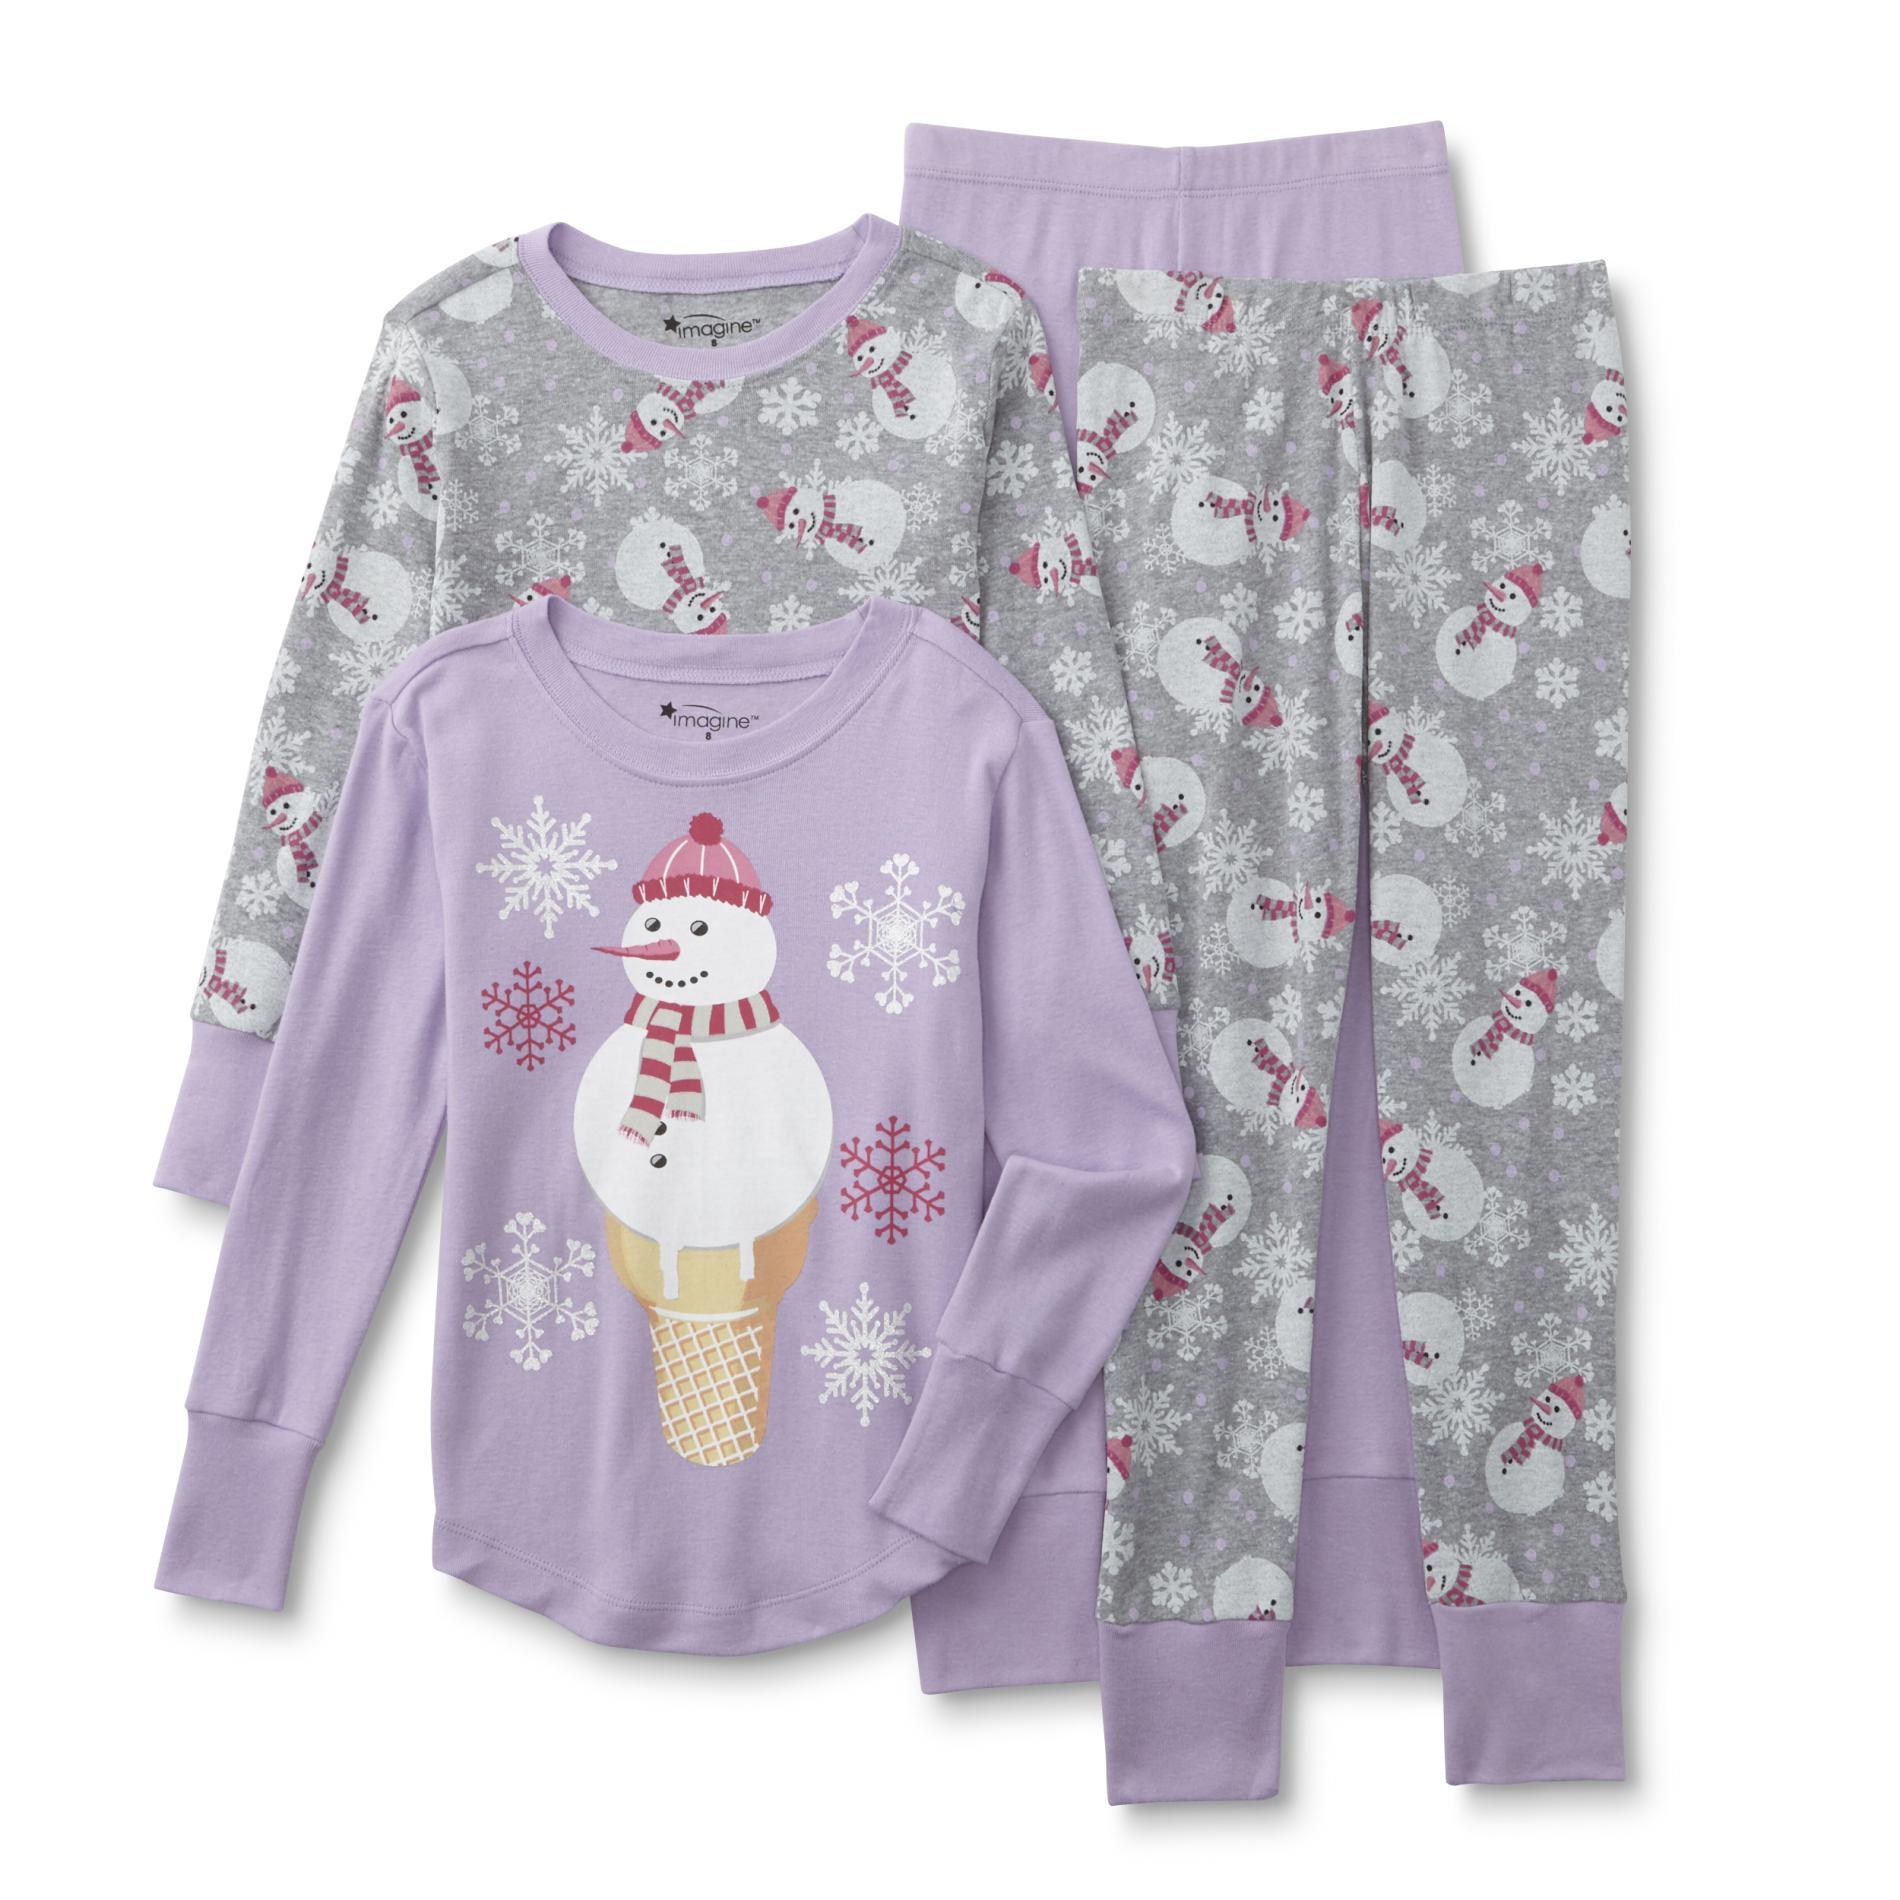 Girls' 2-Pairs Christmas Pajamas - Snowman